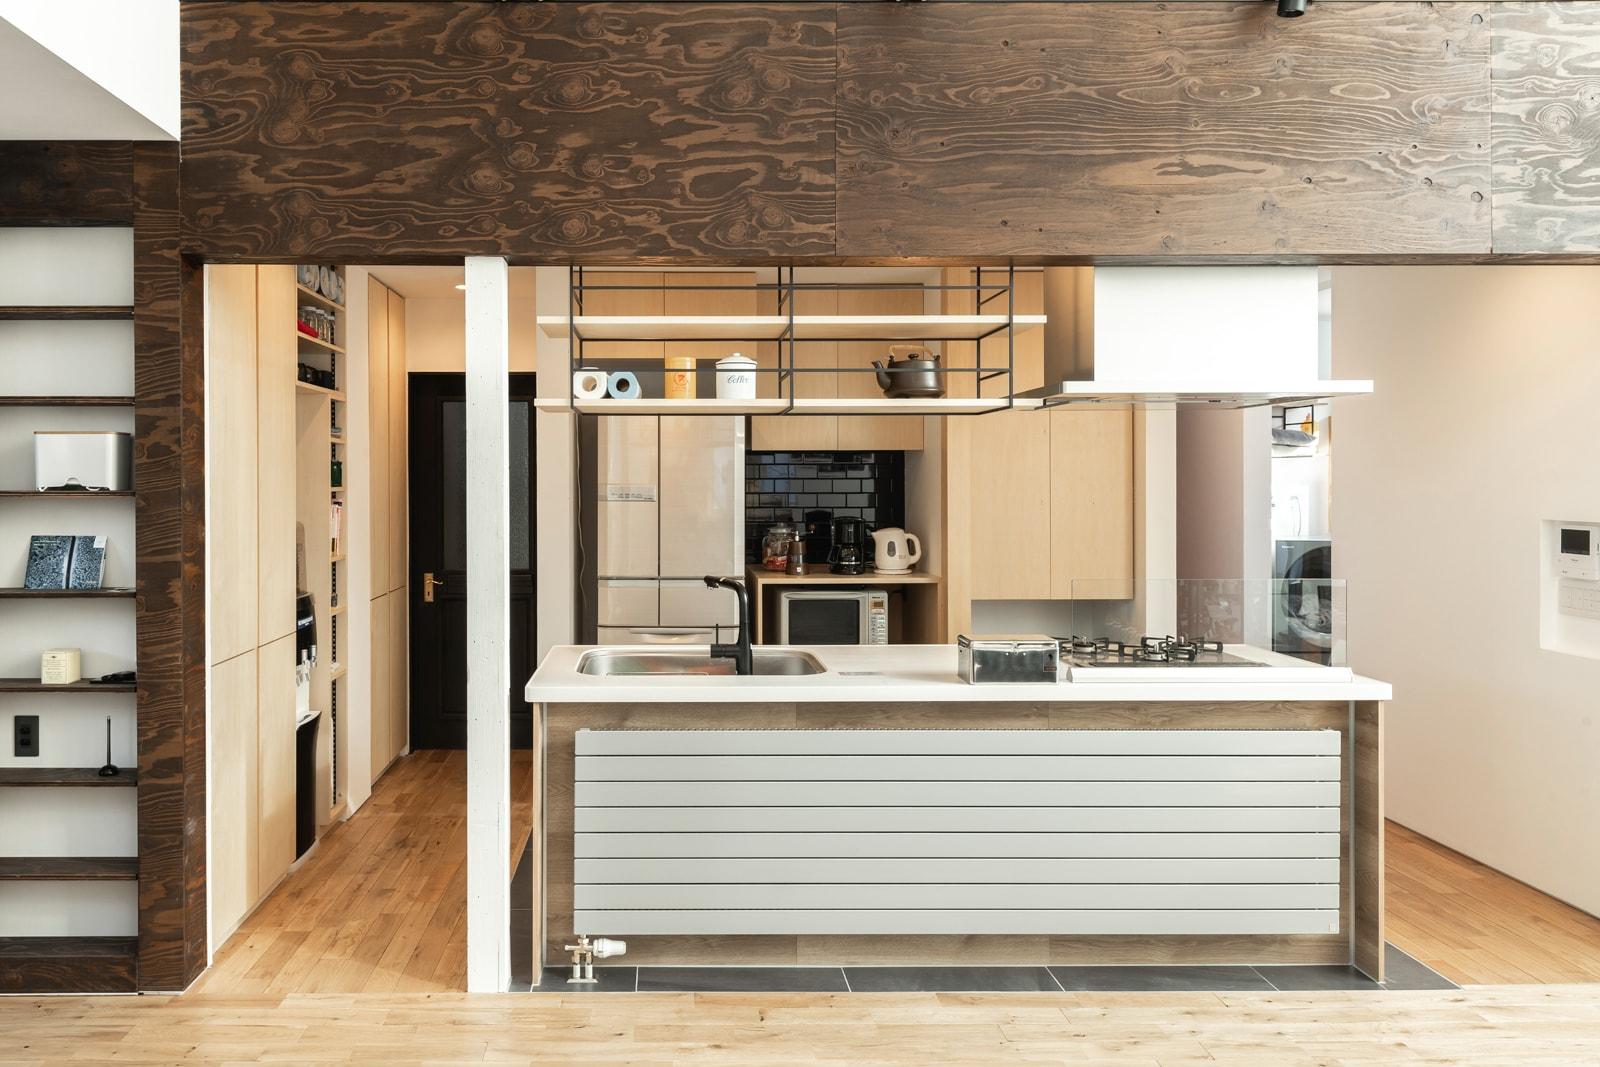 家の中央に配置したキッチンの壁全面に温水パネルヒーターを設置。真ん中から住まい全体を緩やかに暖める